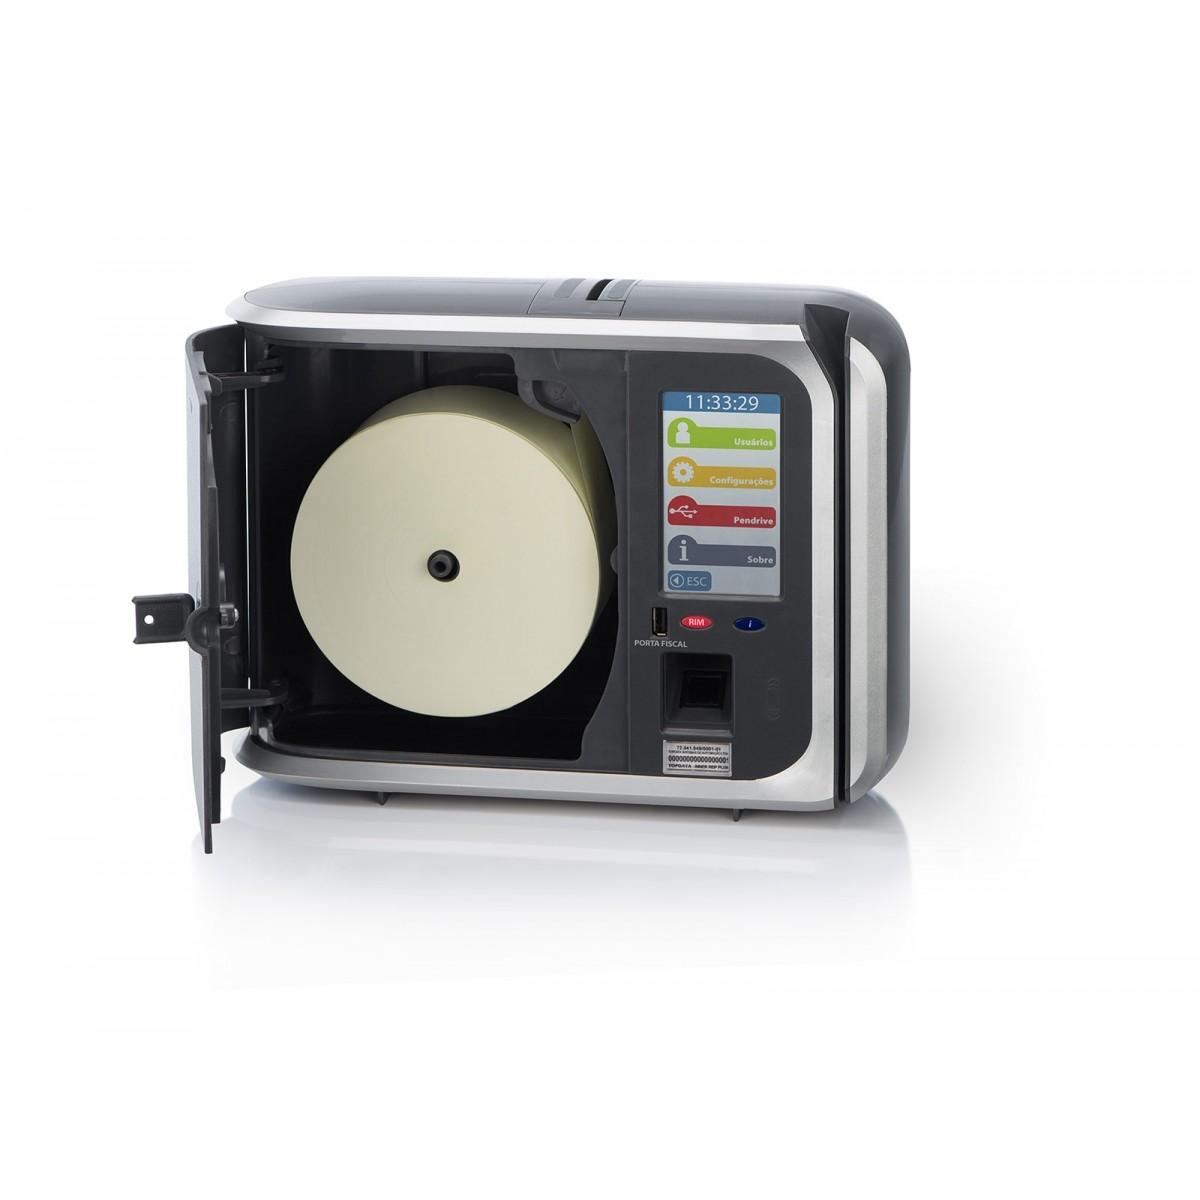 Relógio de Ponto Inner Rep Plus Bio Barras LFD Topdata + Ponto Secullum 4  - Iponto Tecnologia